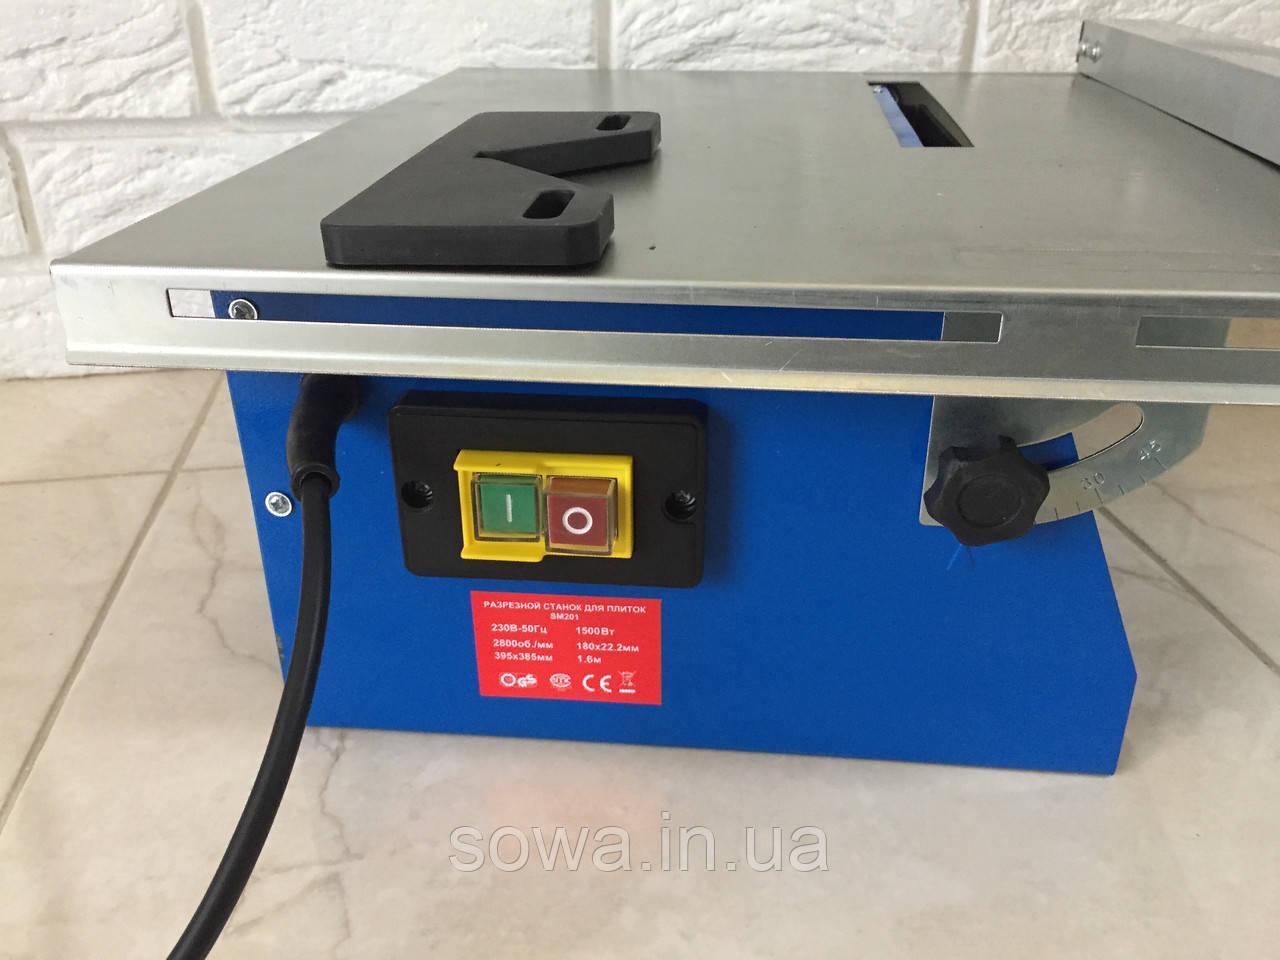 ✔️ Плиткорез Горизонт SM201     Водяное охлаждение, 1500Вт, 180мм диск